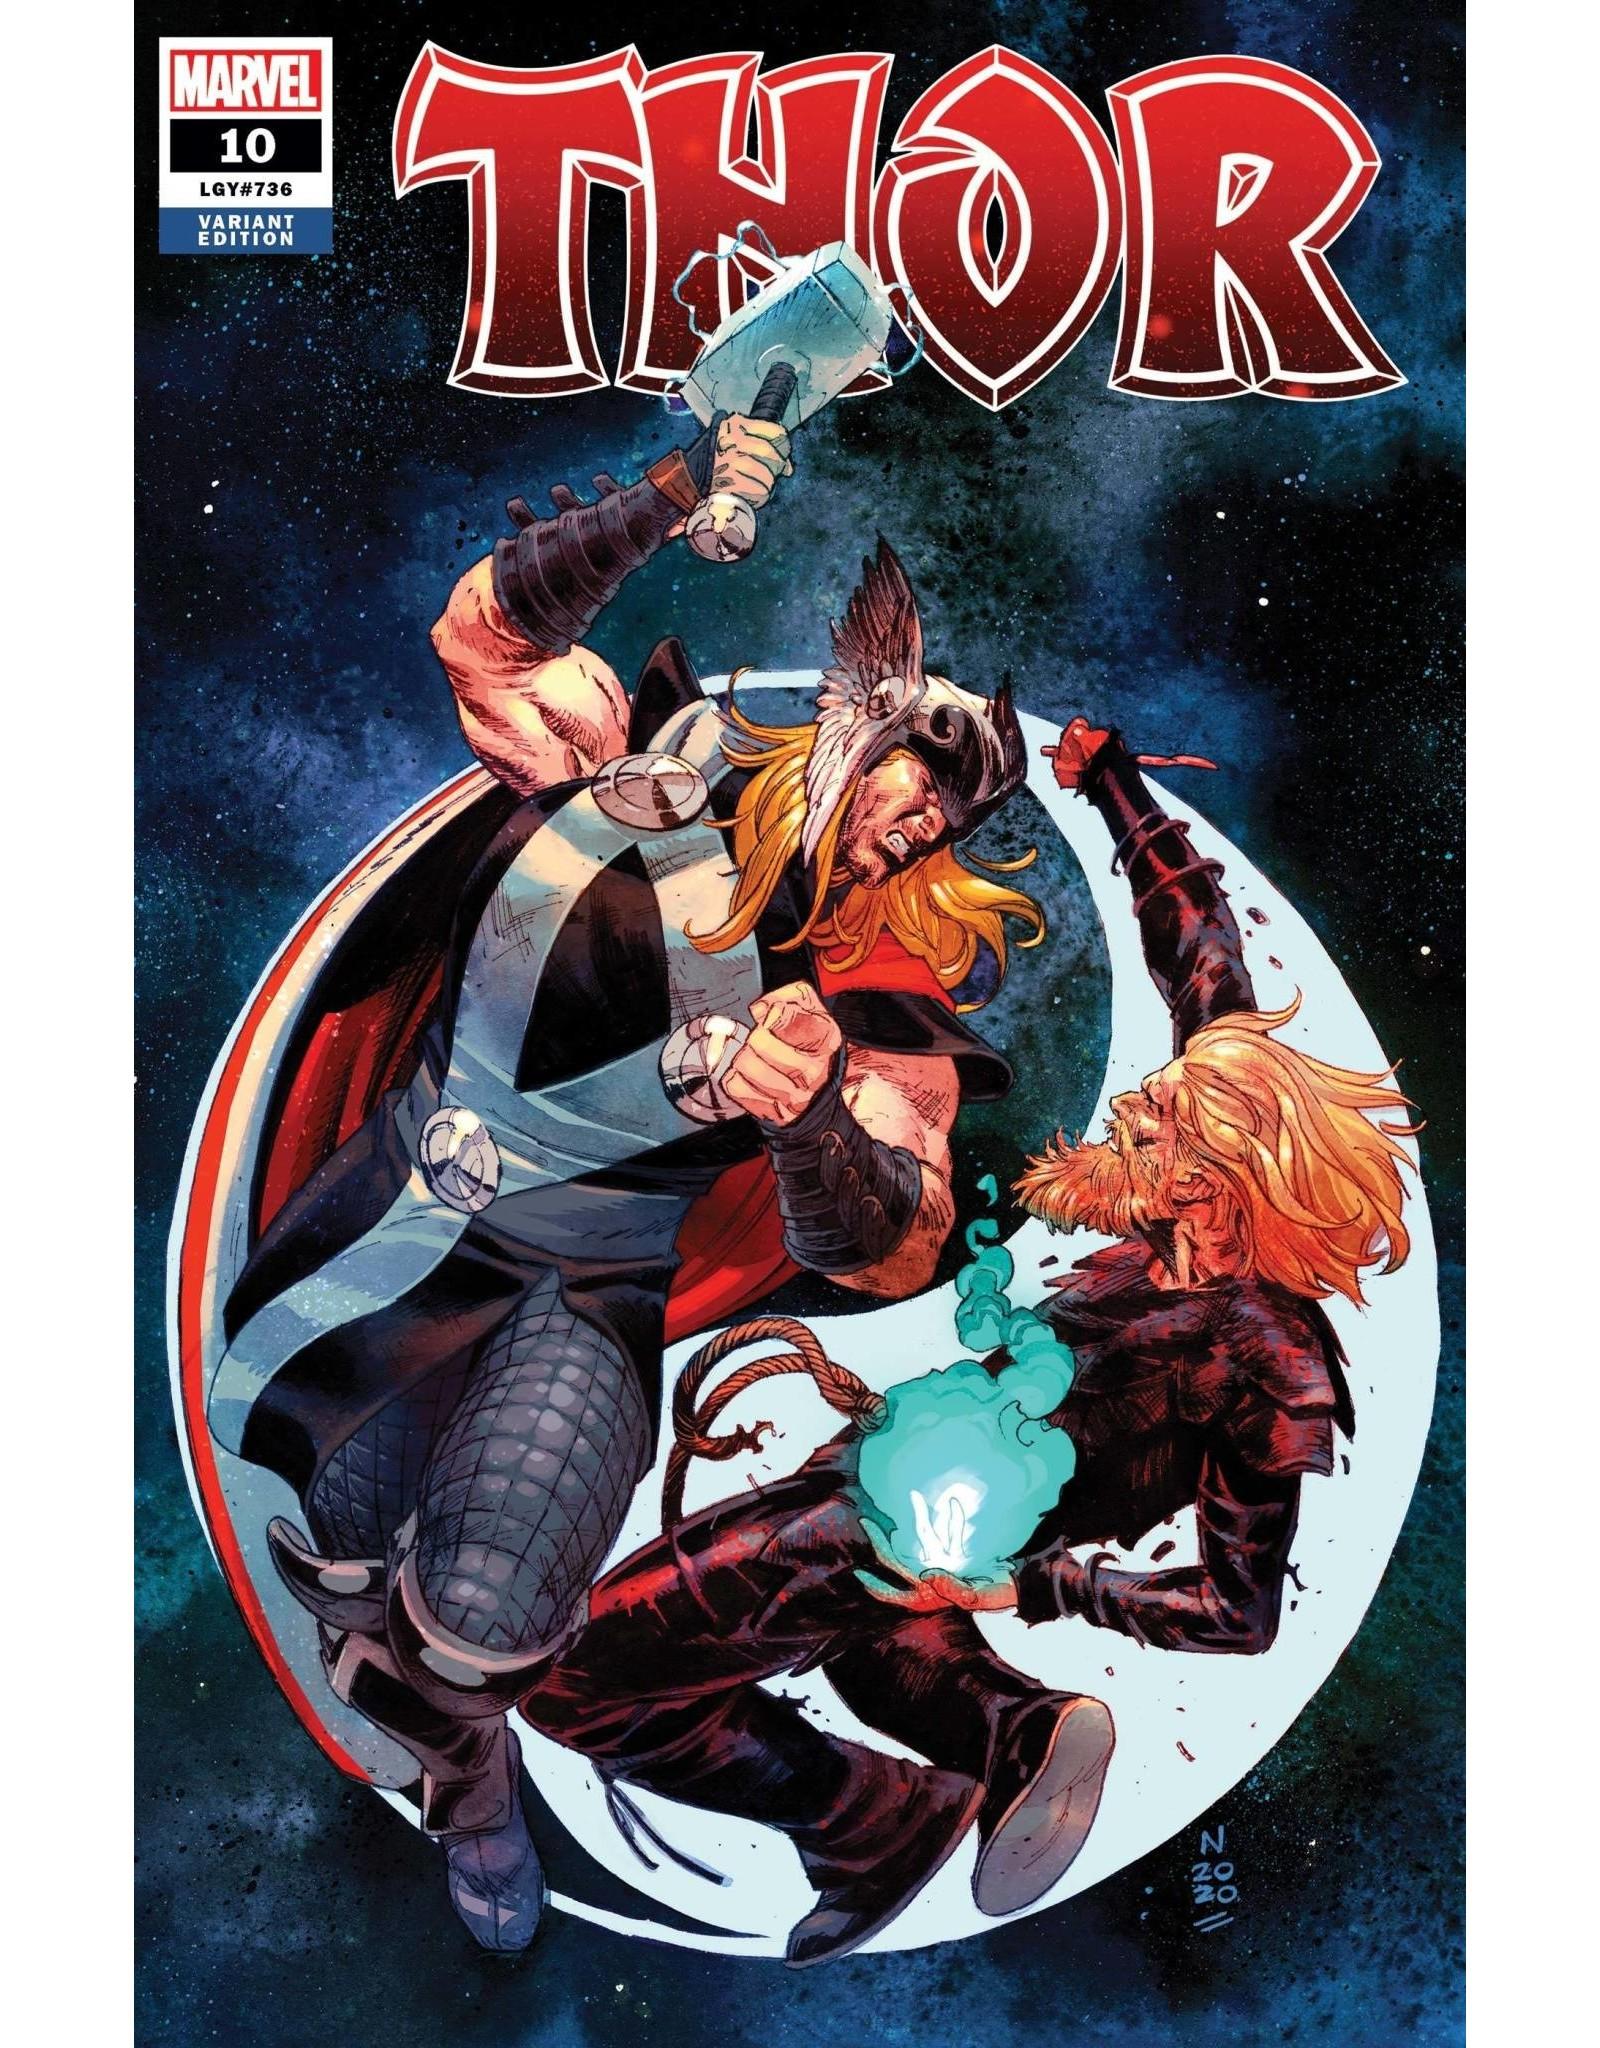 Marvel Comics THOR #10 KLEIN VAR 1:25